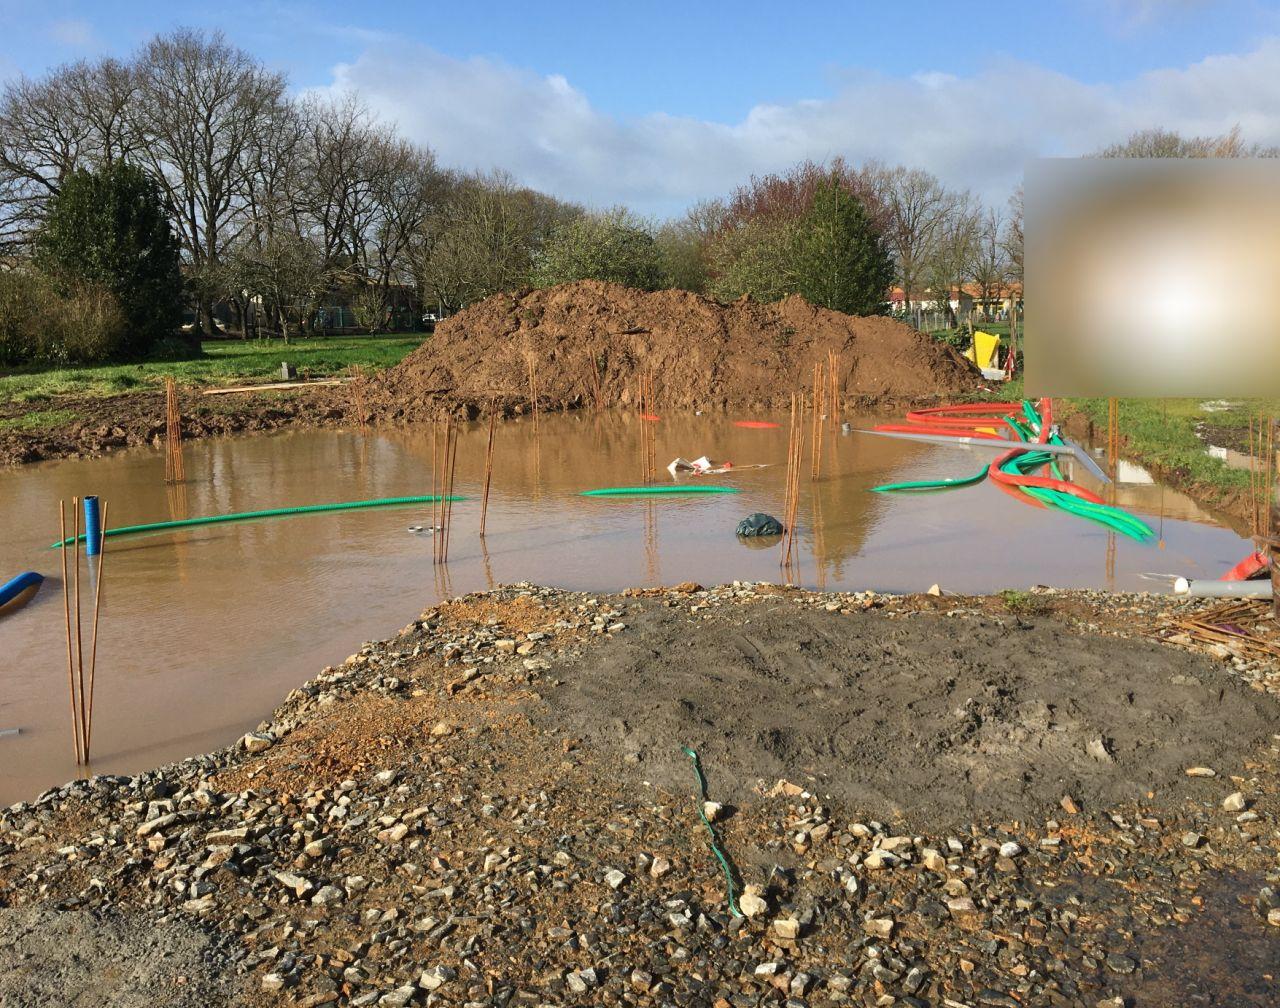 7 jours après la réalisation du soubassement, la construction est totalement sous l'eau, les tuyaux flottent.